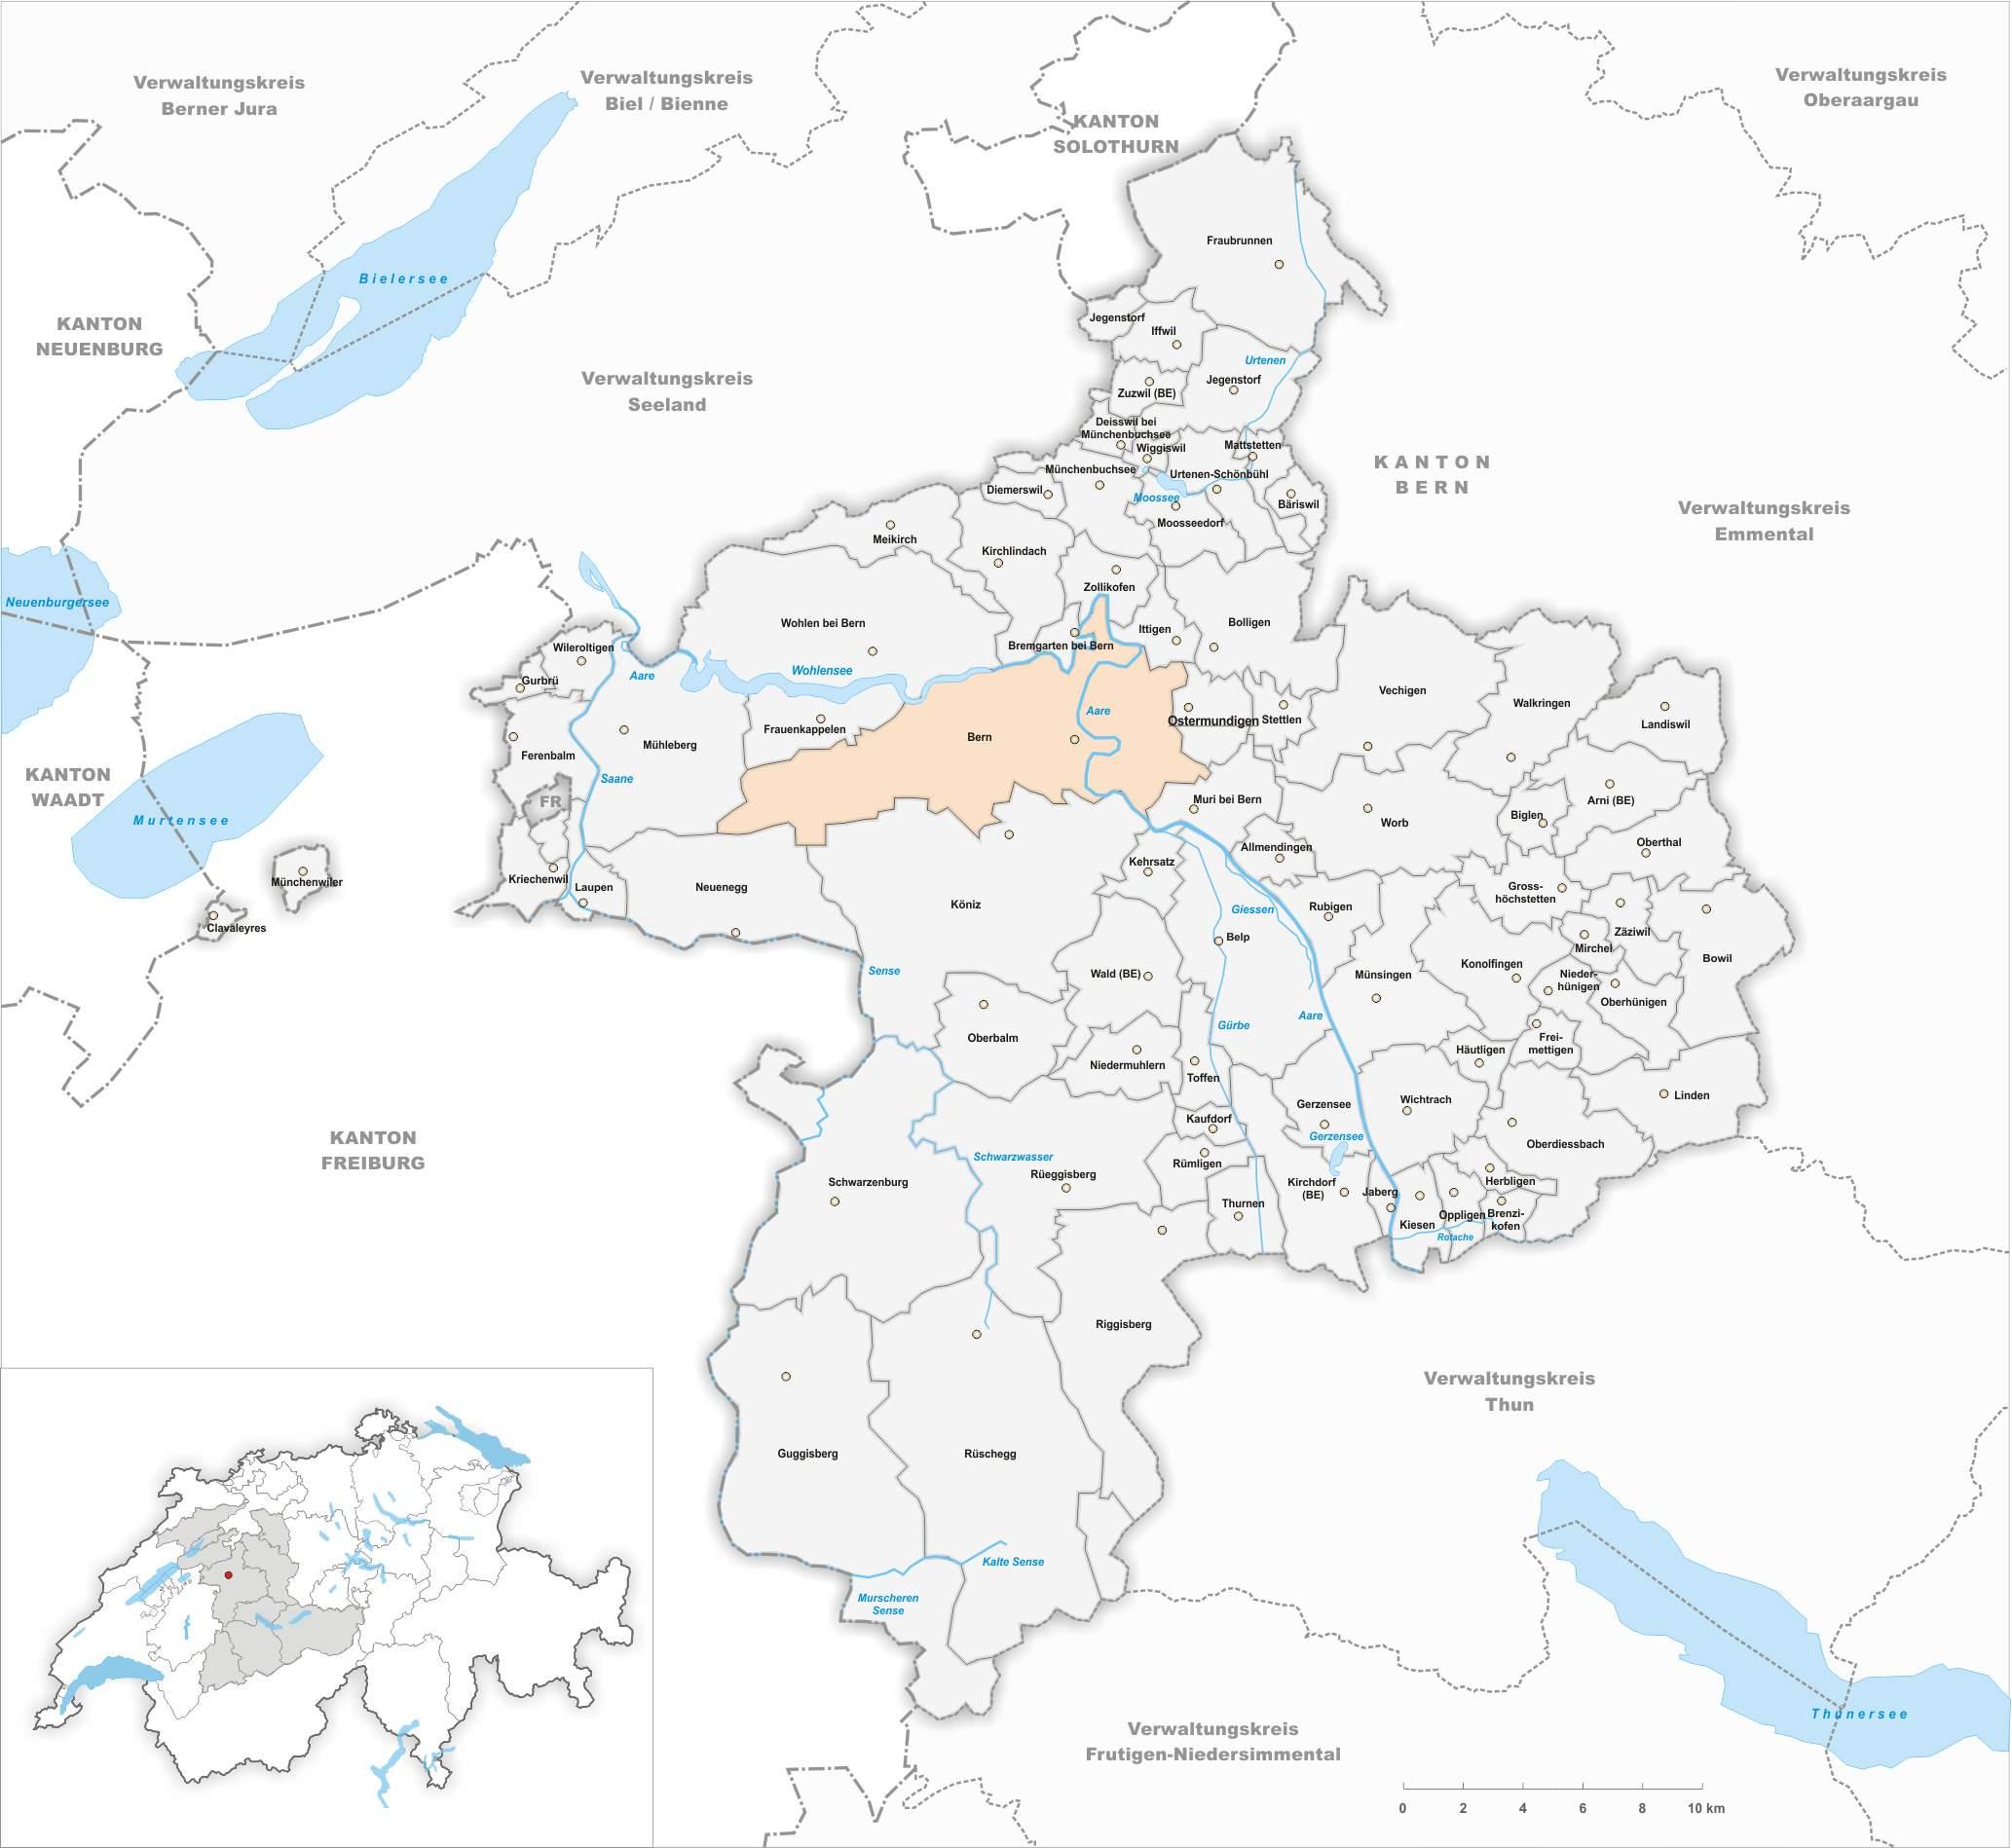 Karte Gemeinde Bern 2020